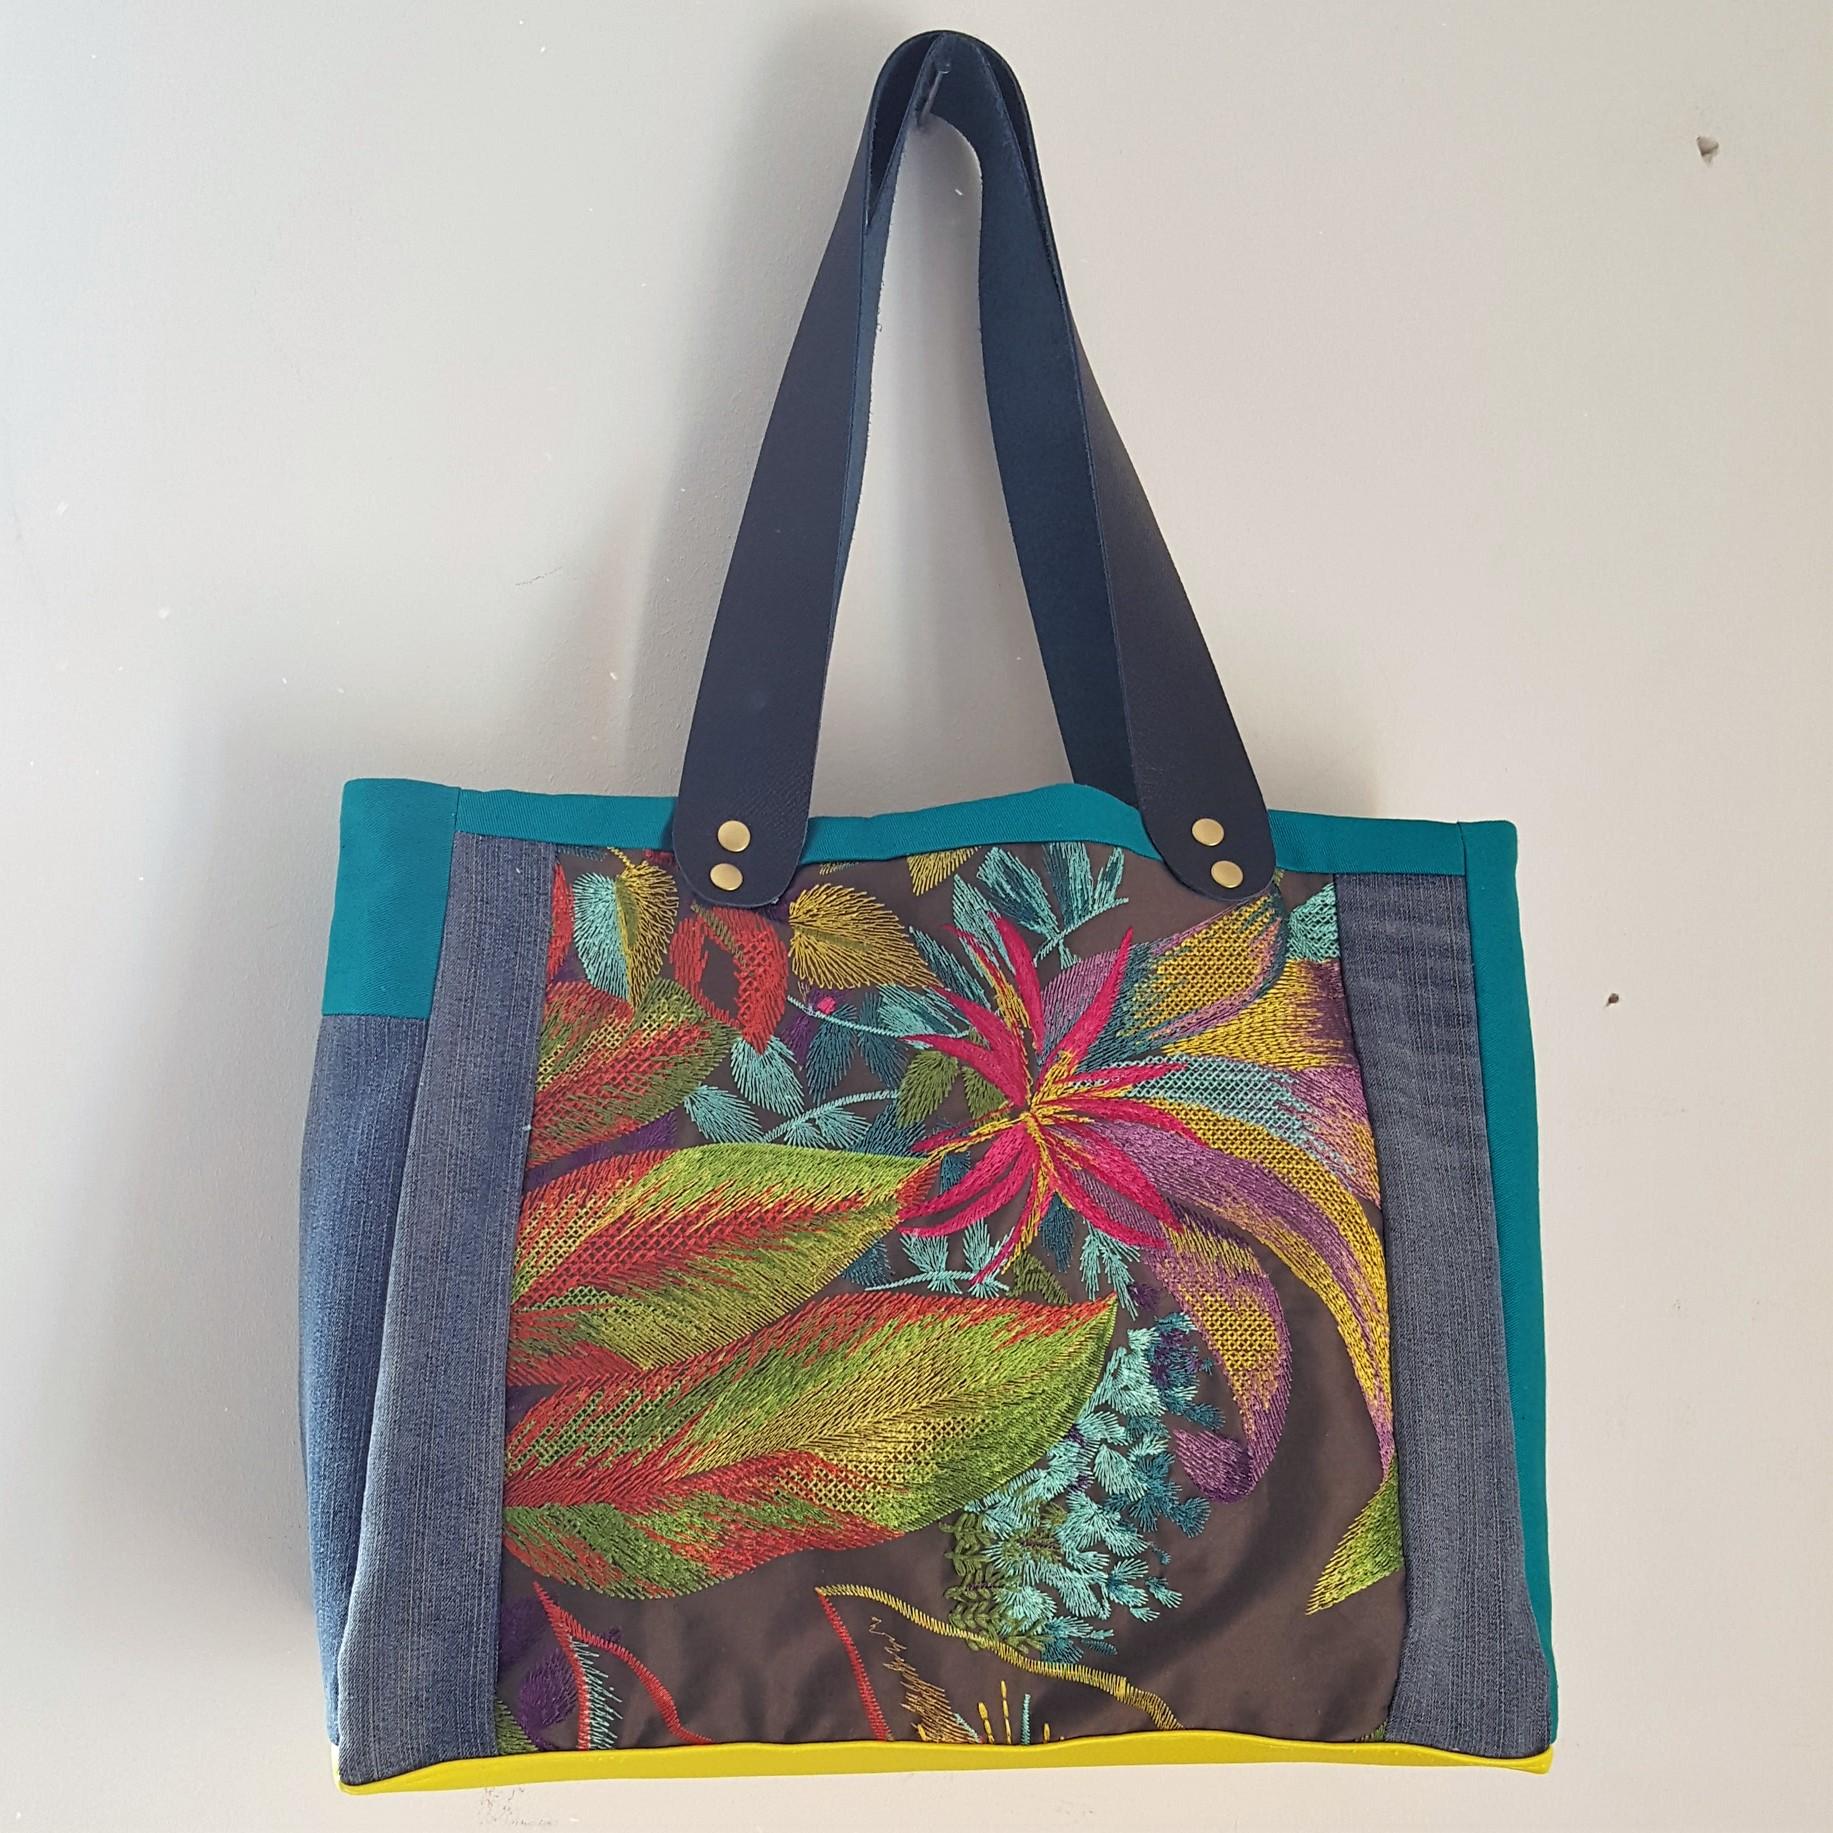 sac multicolore brodé loudenella